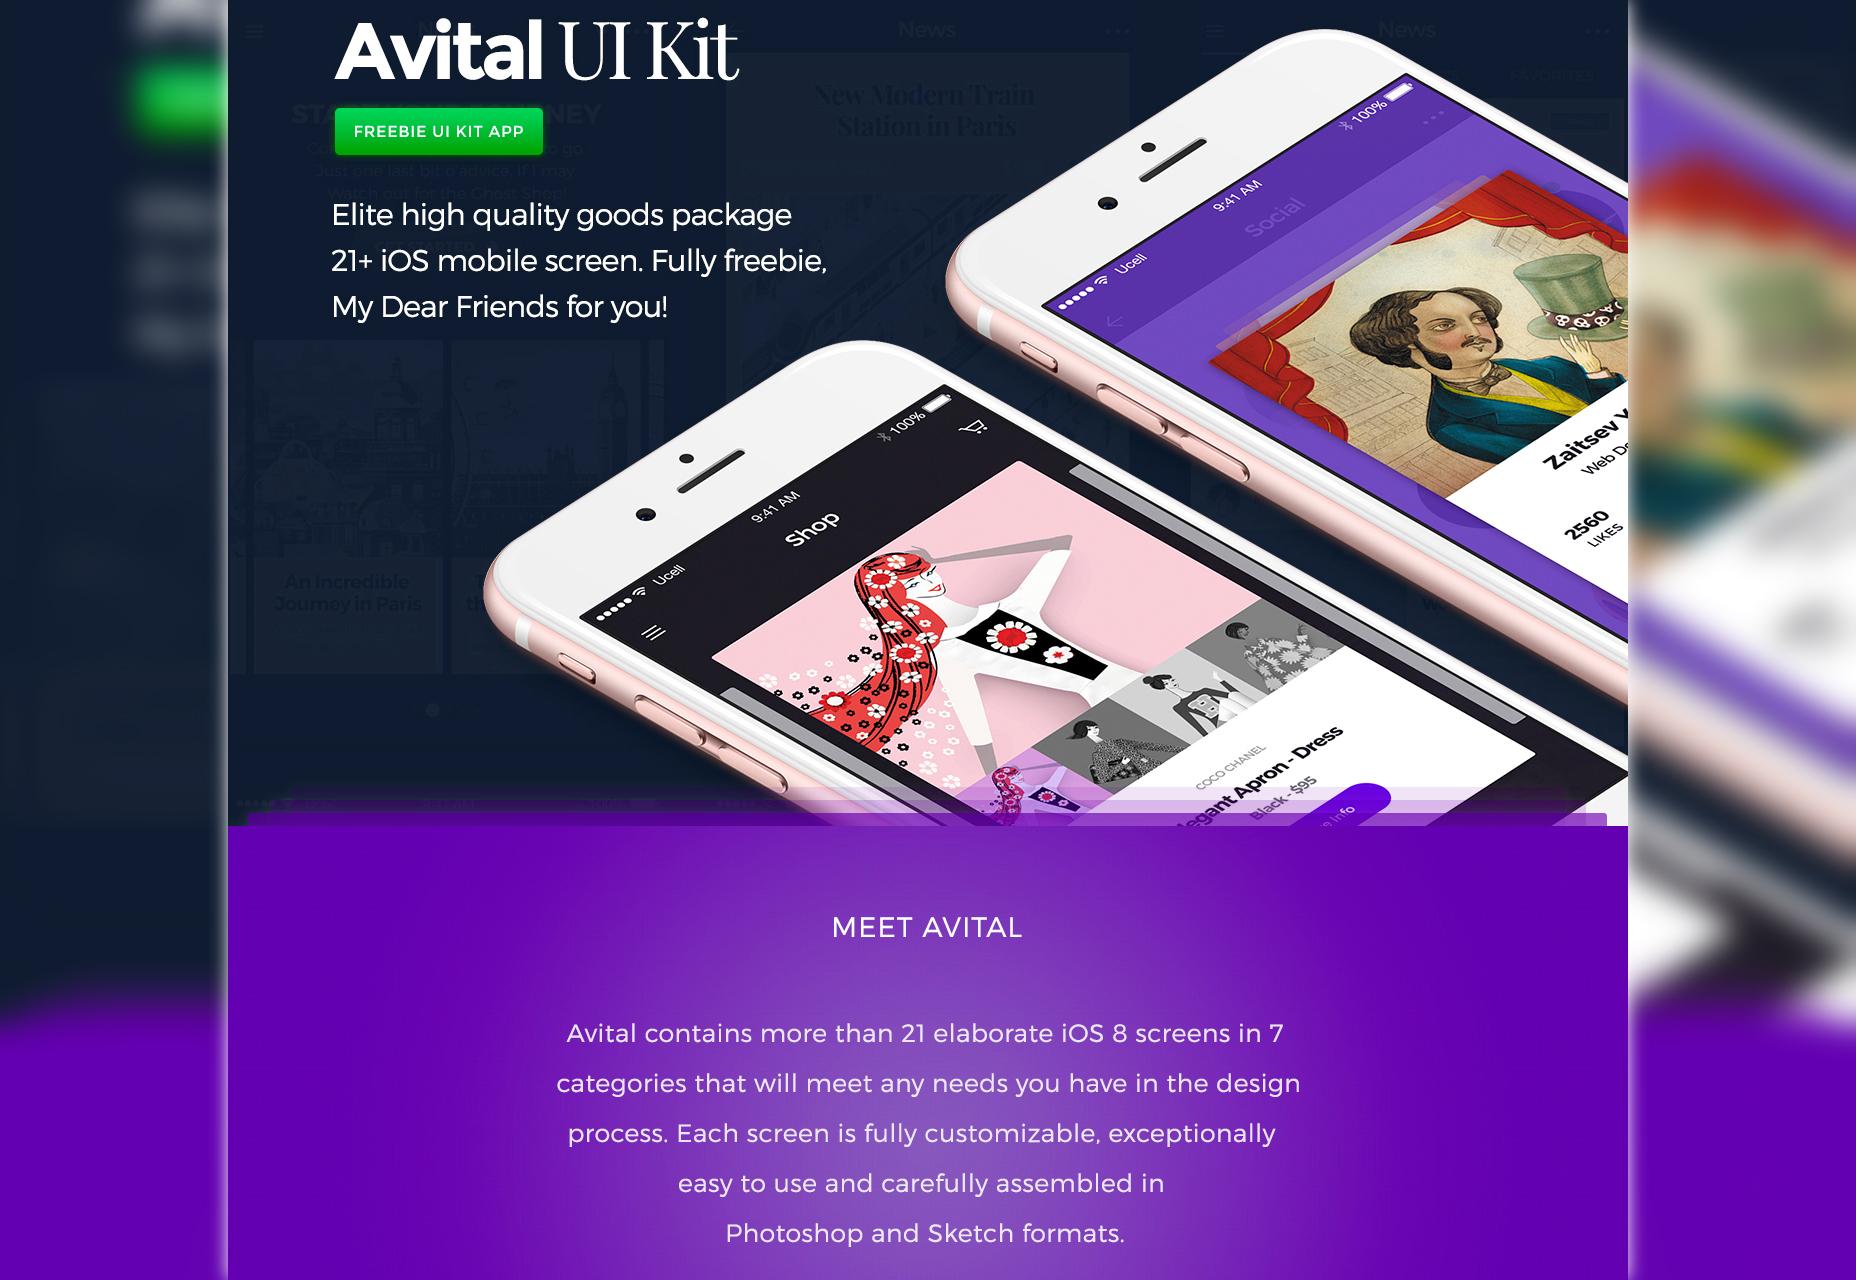 Avital: Elite Mobile iOS UI Kit